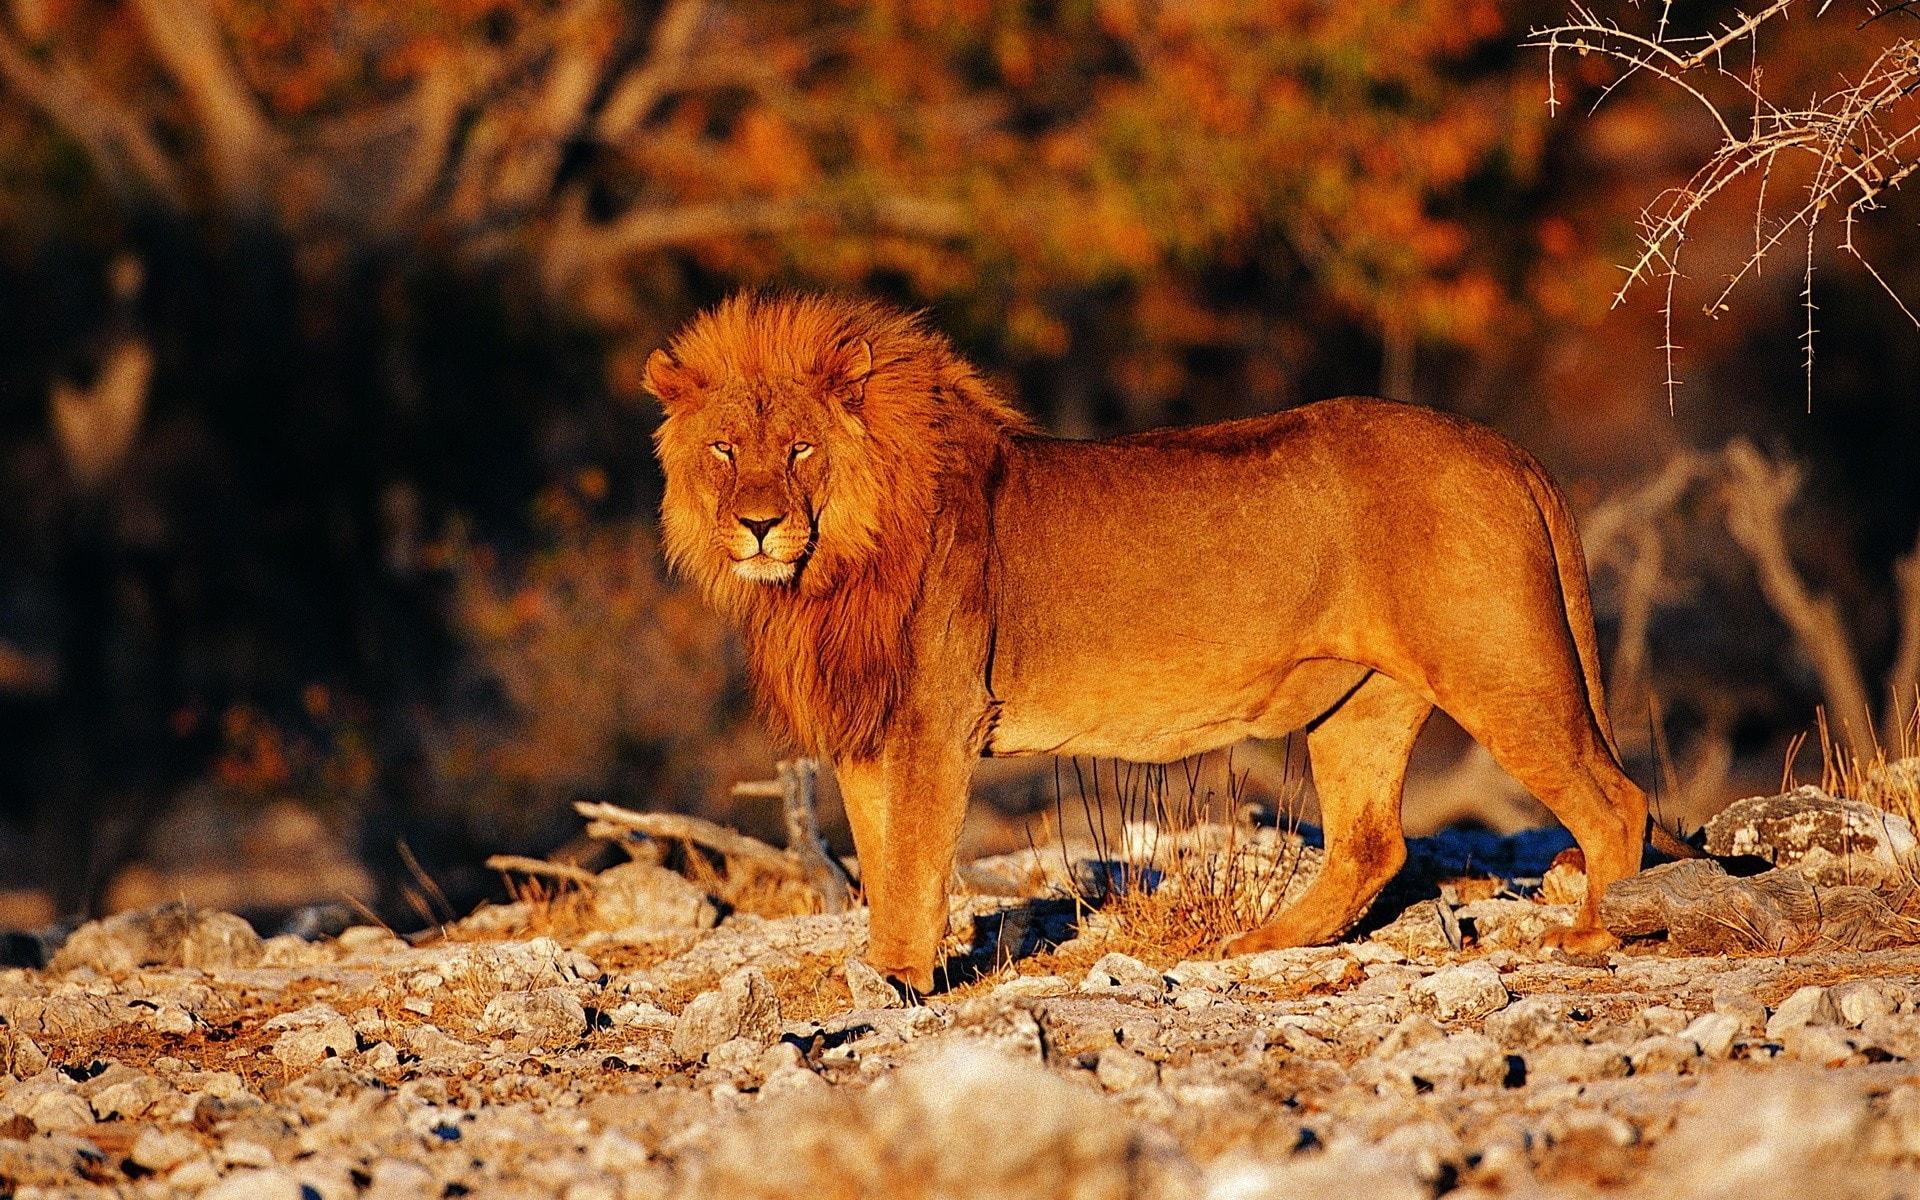 Lion widescreen for desktop